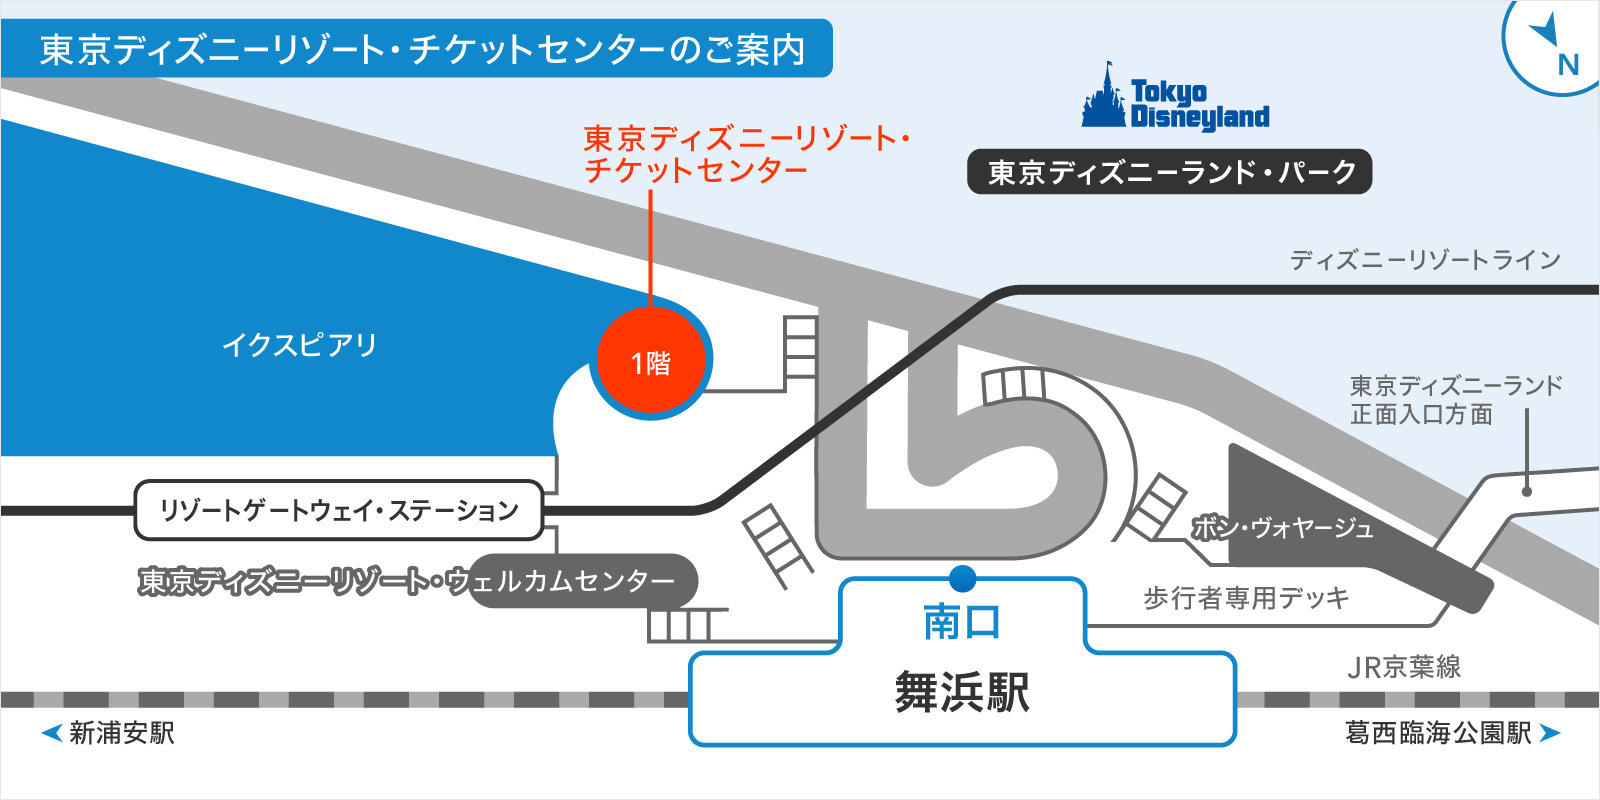 公式】東京ディズニーリゾート・チケットセンター | 東京ディズニーリゾート